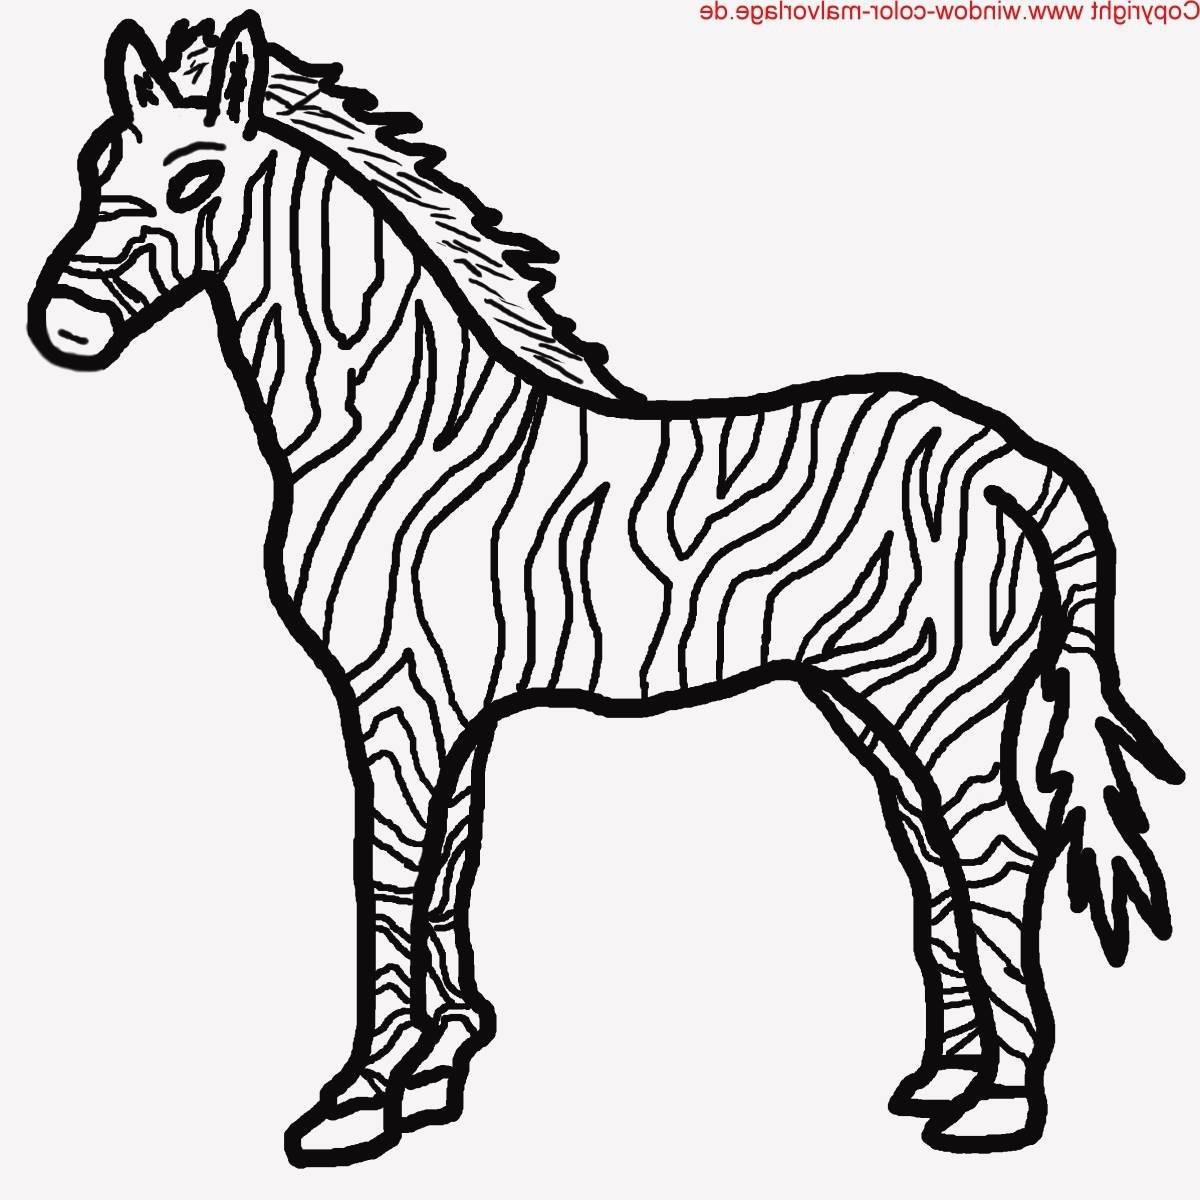 Pferde Ausmalbilder Mit Reiter Inspirierend 26 Inspirierend Malvorlagen Pferde – Malvorlagen Ideen Fotos